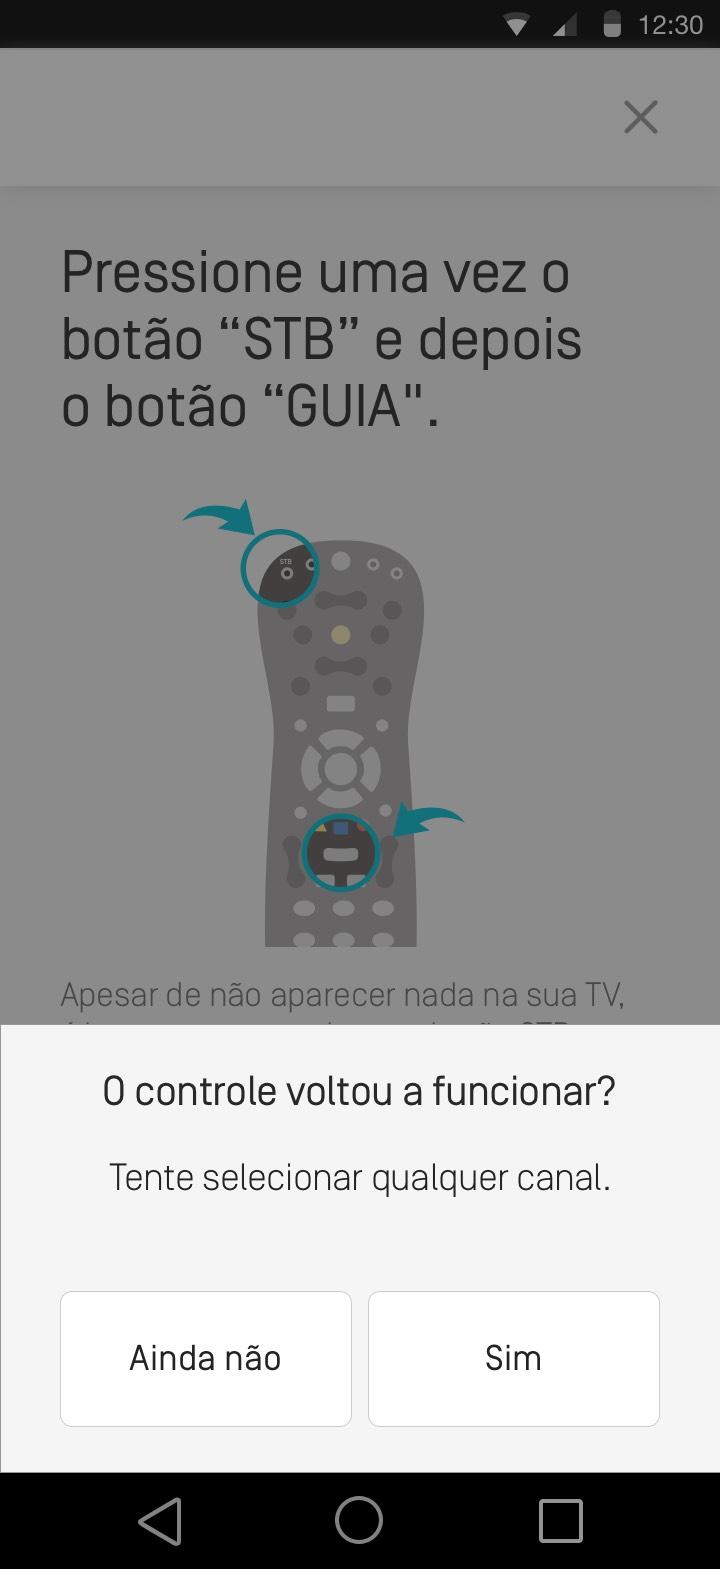 Meu controle de TV Oi Fibra está travado. Como resolver - 8